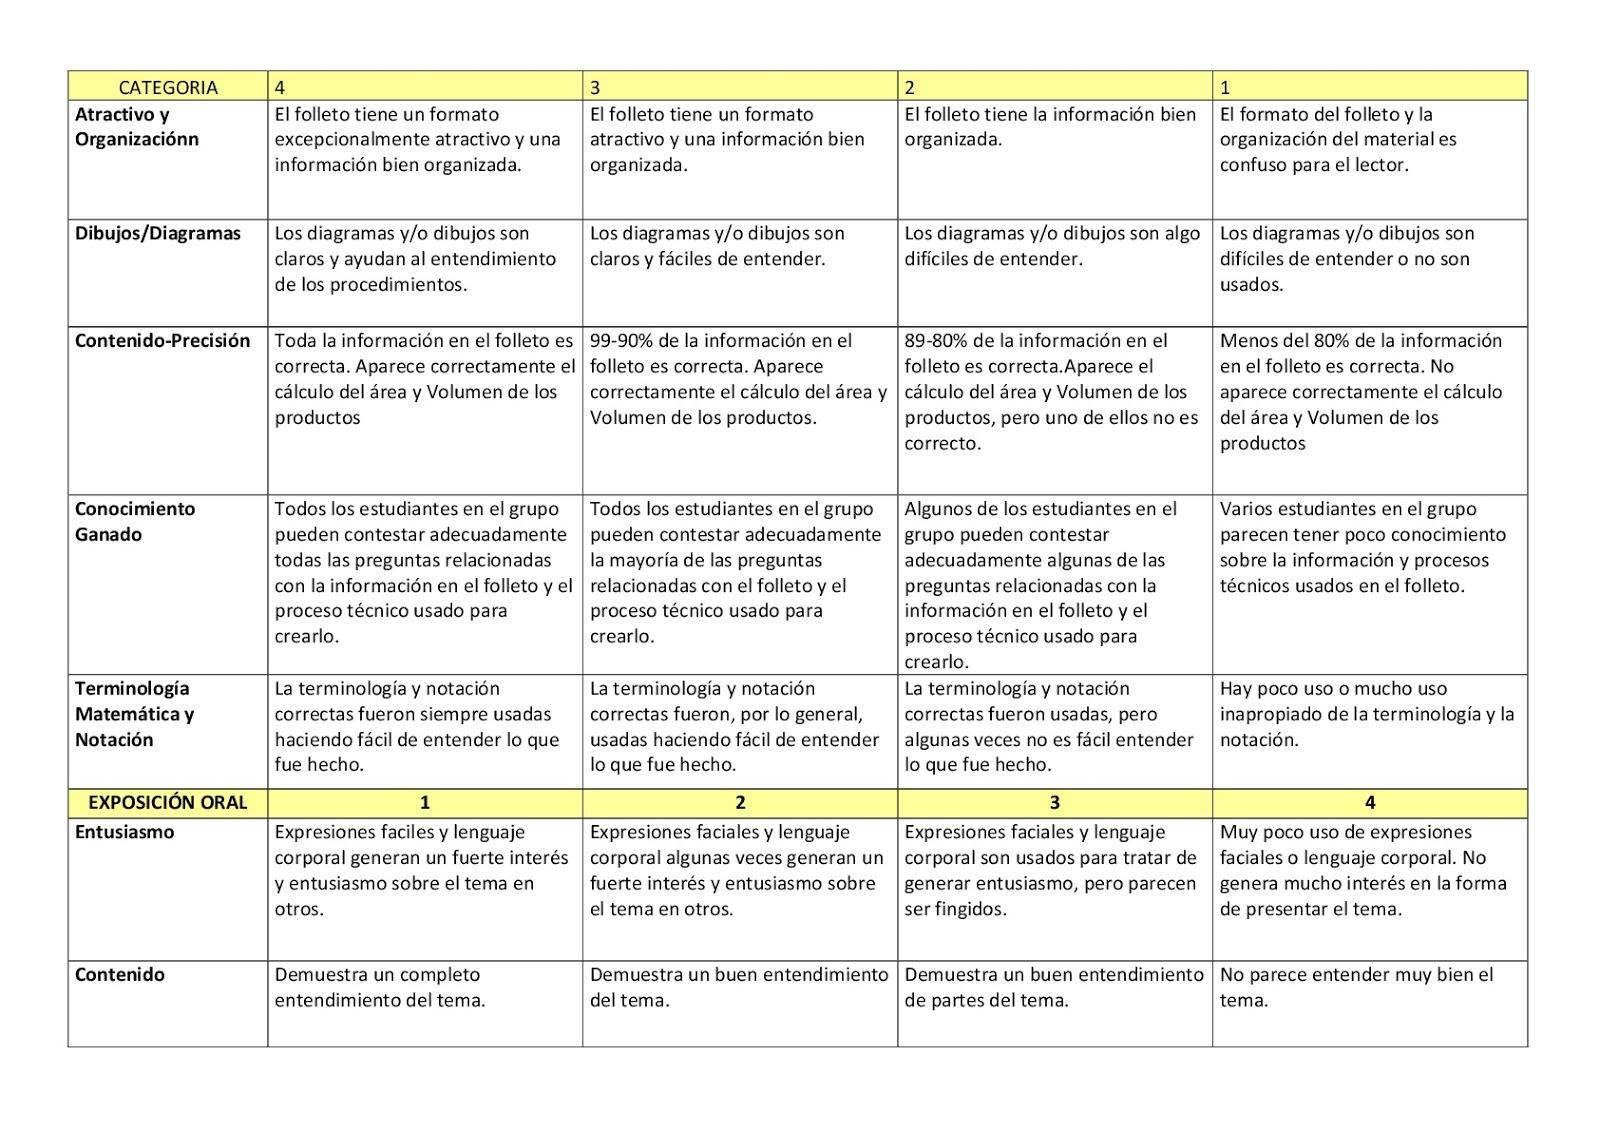 Tabla periodica quimica hd fresh qu mica tabla peridica refrence los proyectos se evaluarn mediante rbricas que se muestran a continuacin urtaz Gallery